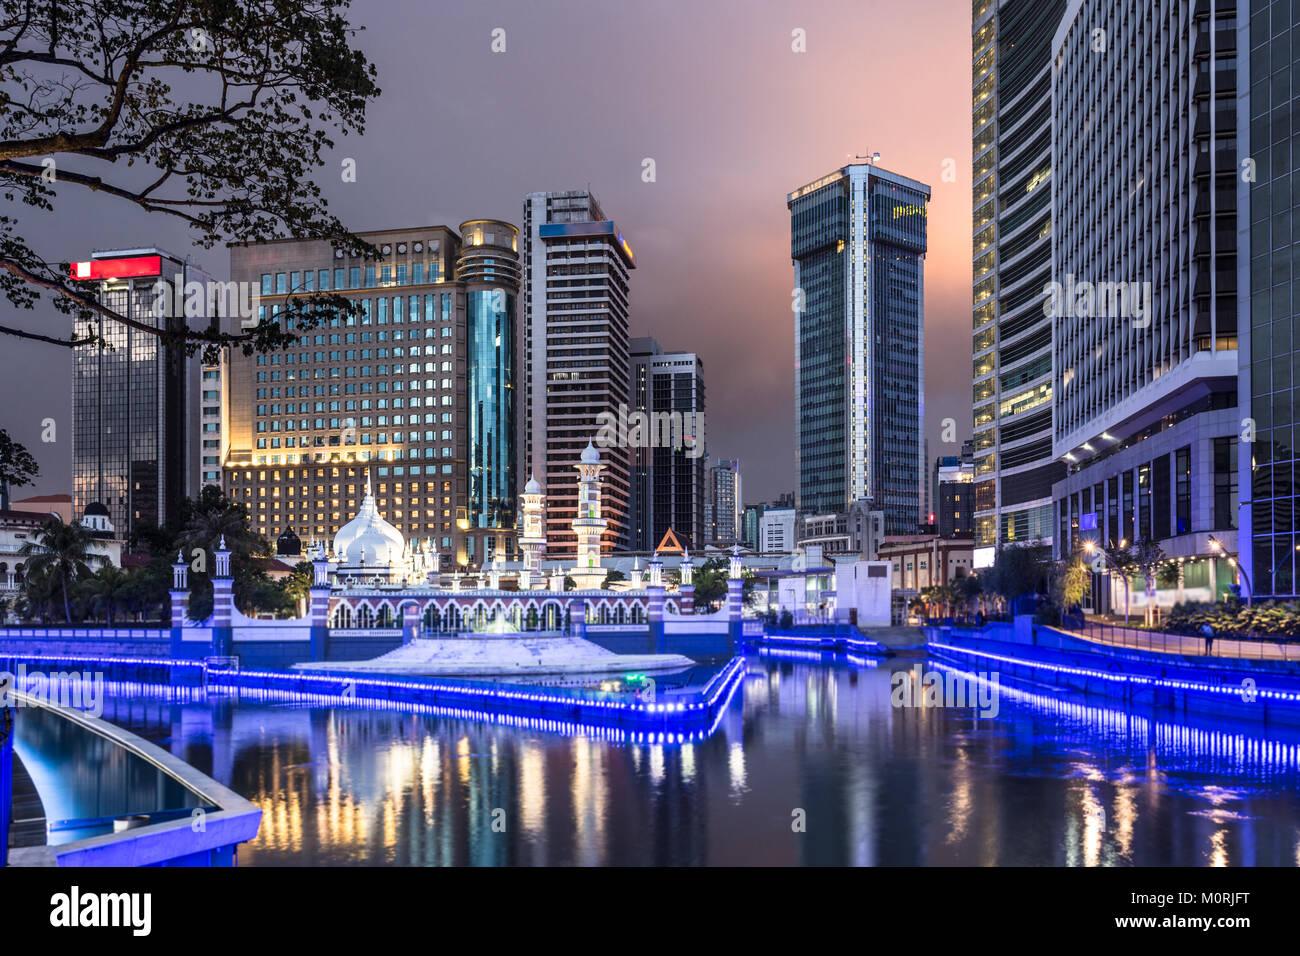 Edificios de Oficinas se reflejan en el agua del río Klang en frente de la mezquita (masjid Jamek) en el corazón Imagen De Stock